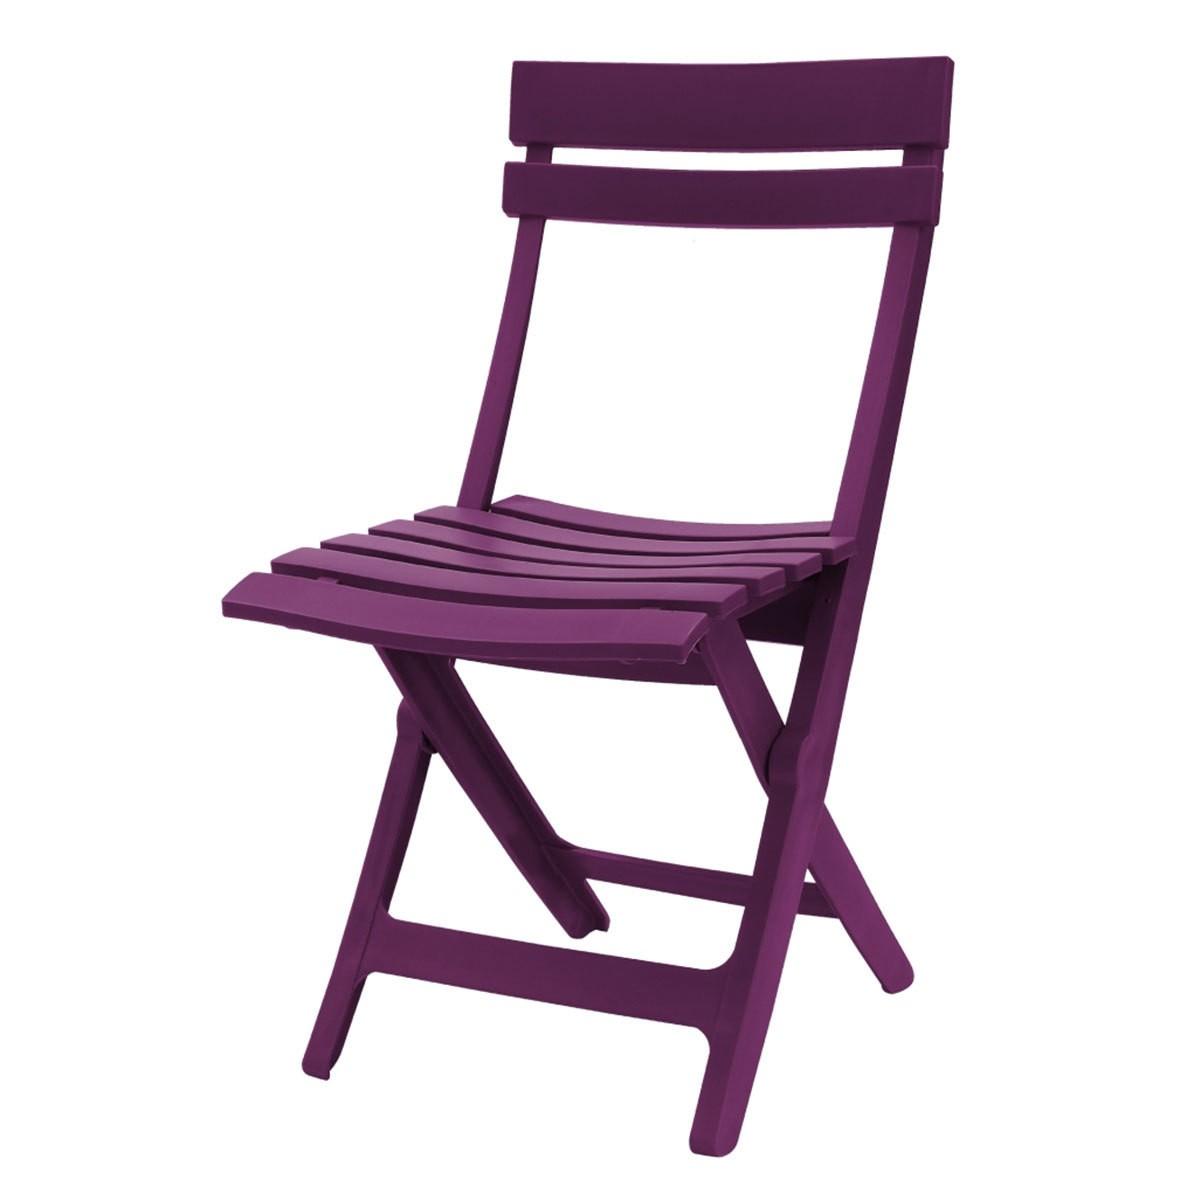 Chaise Pliante Exterieur Miami Tonus